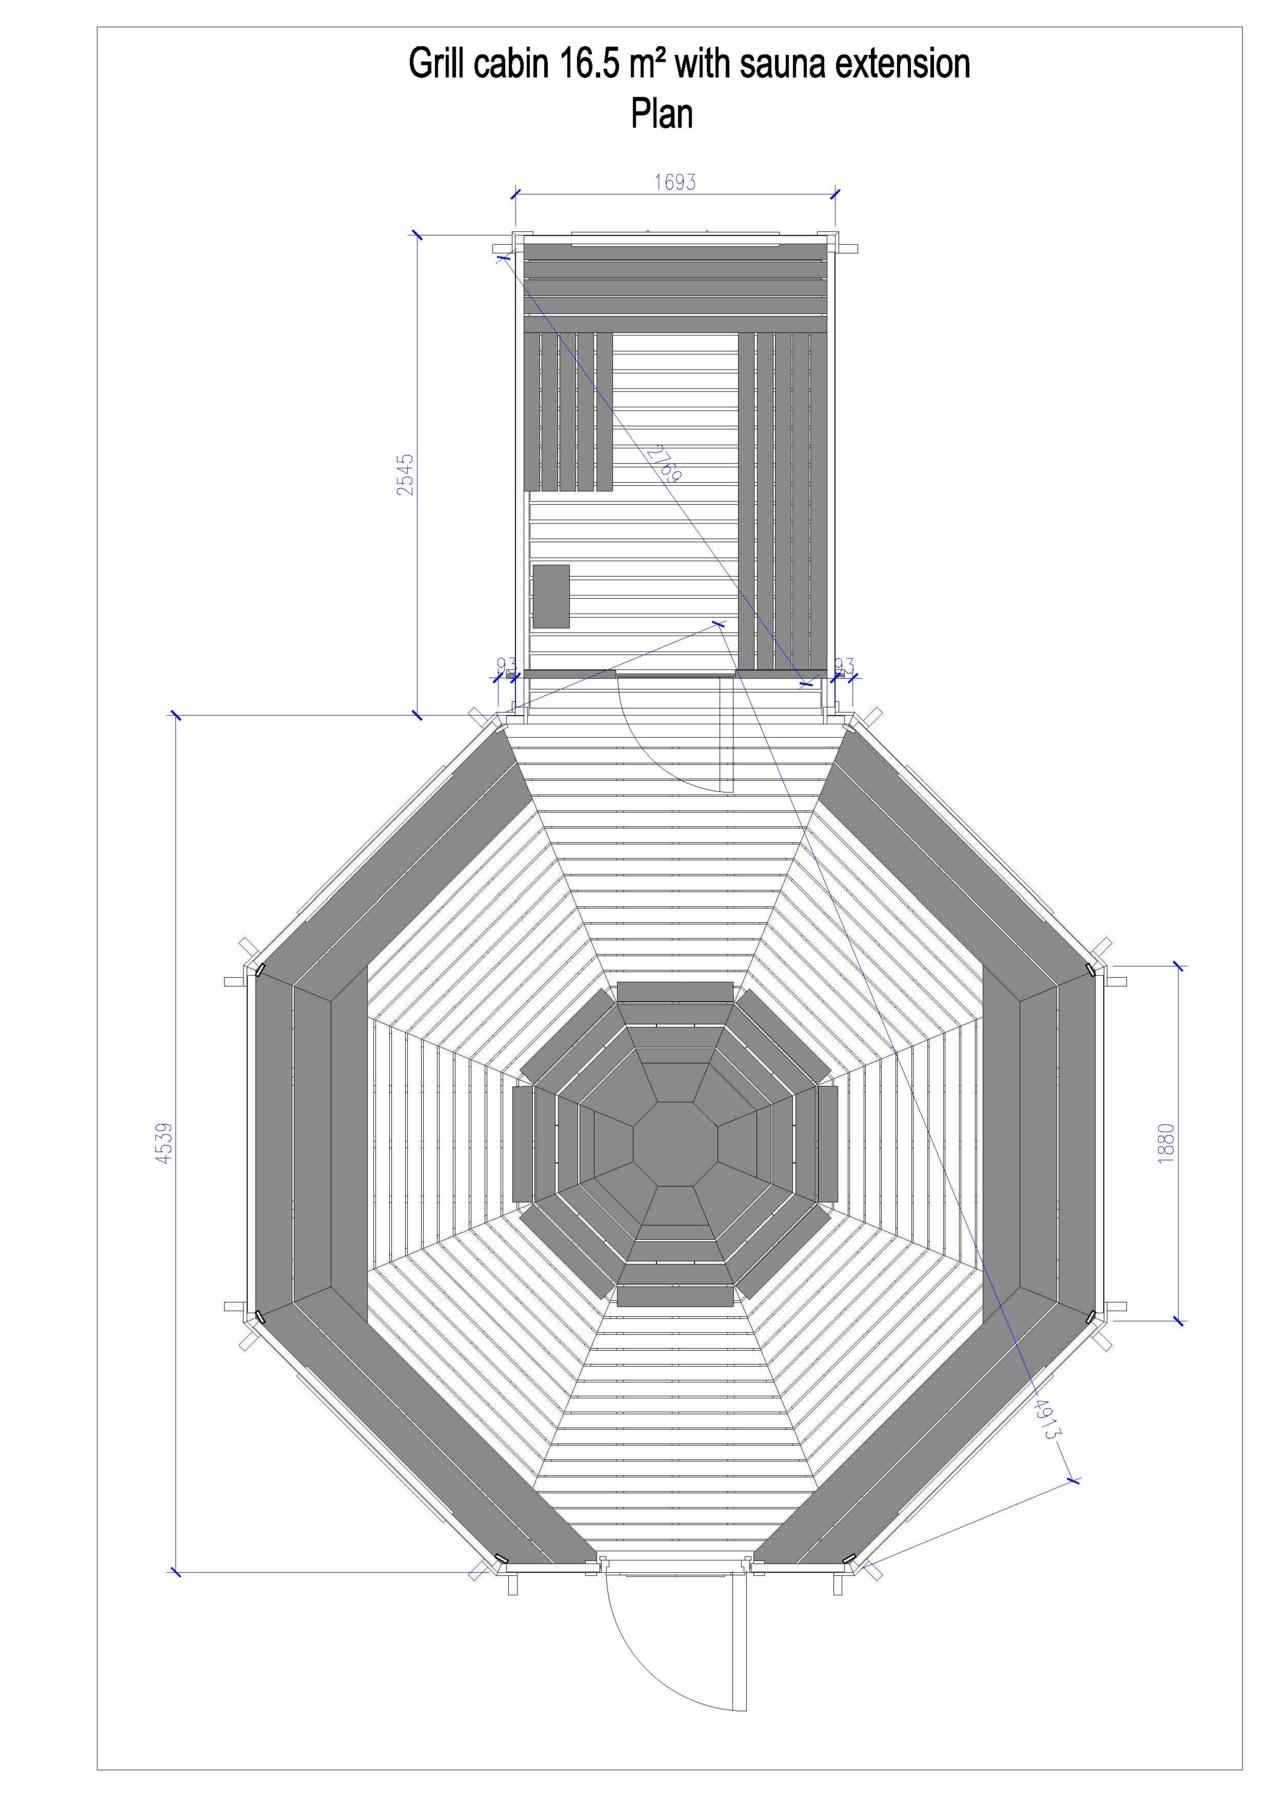 le kota grill 16,5m2 avec extension sauna bois ou électrique est un